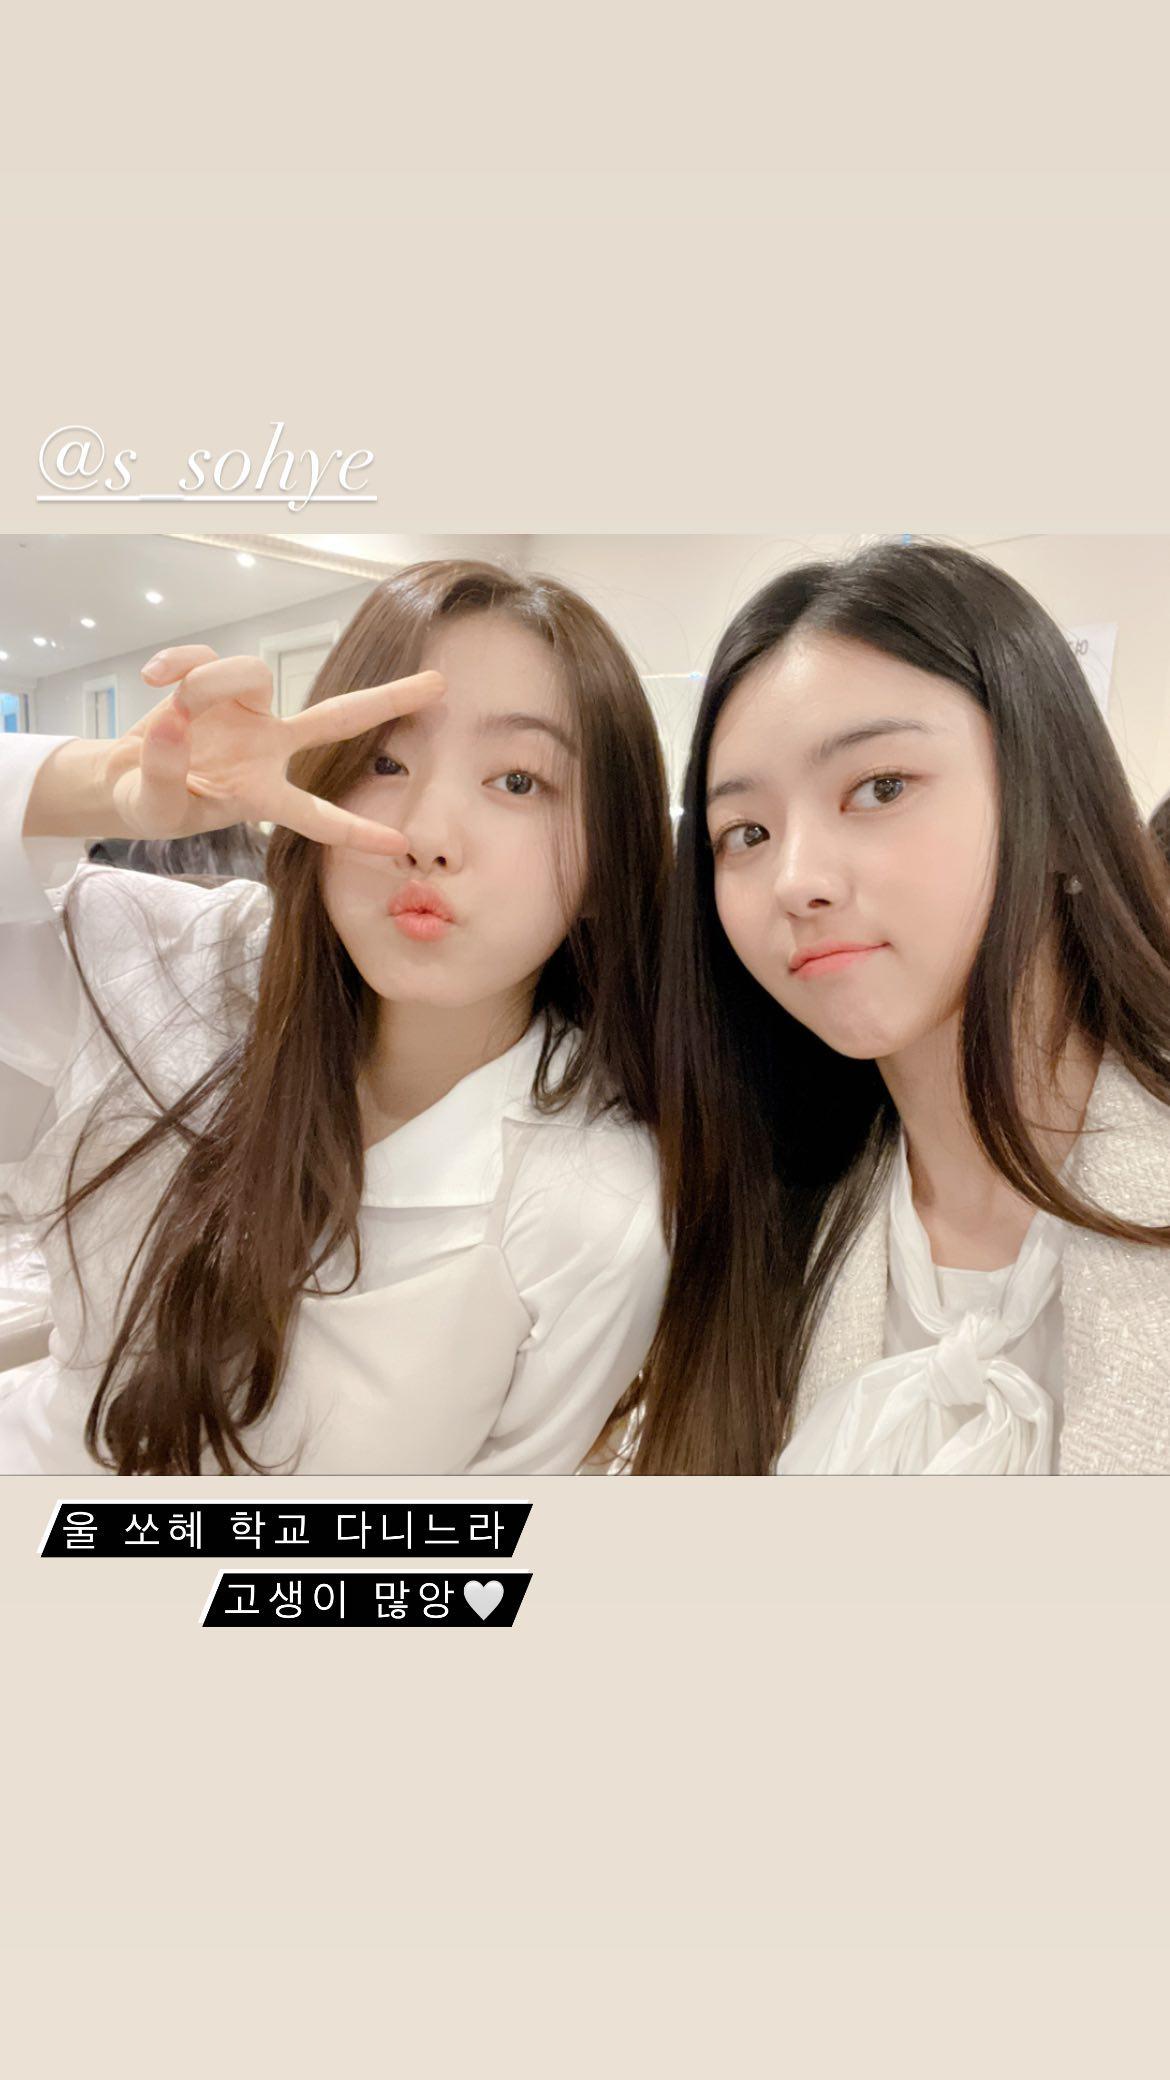 Nayoung Sohye